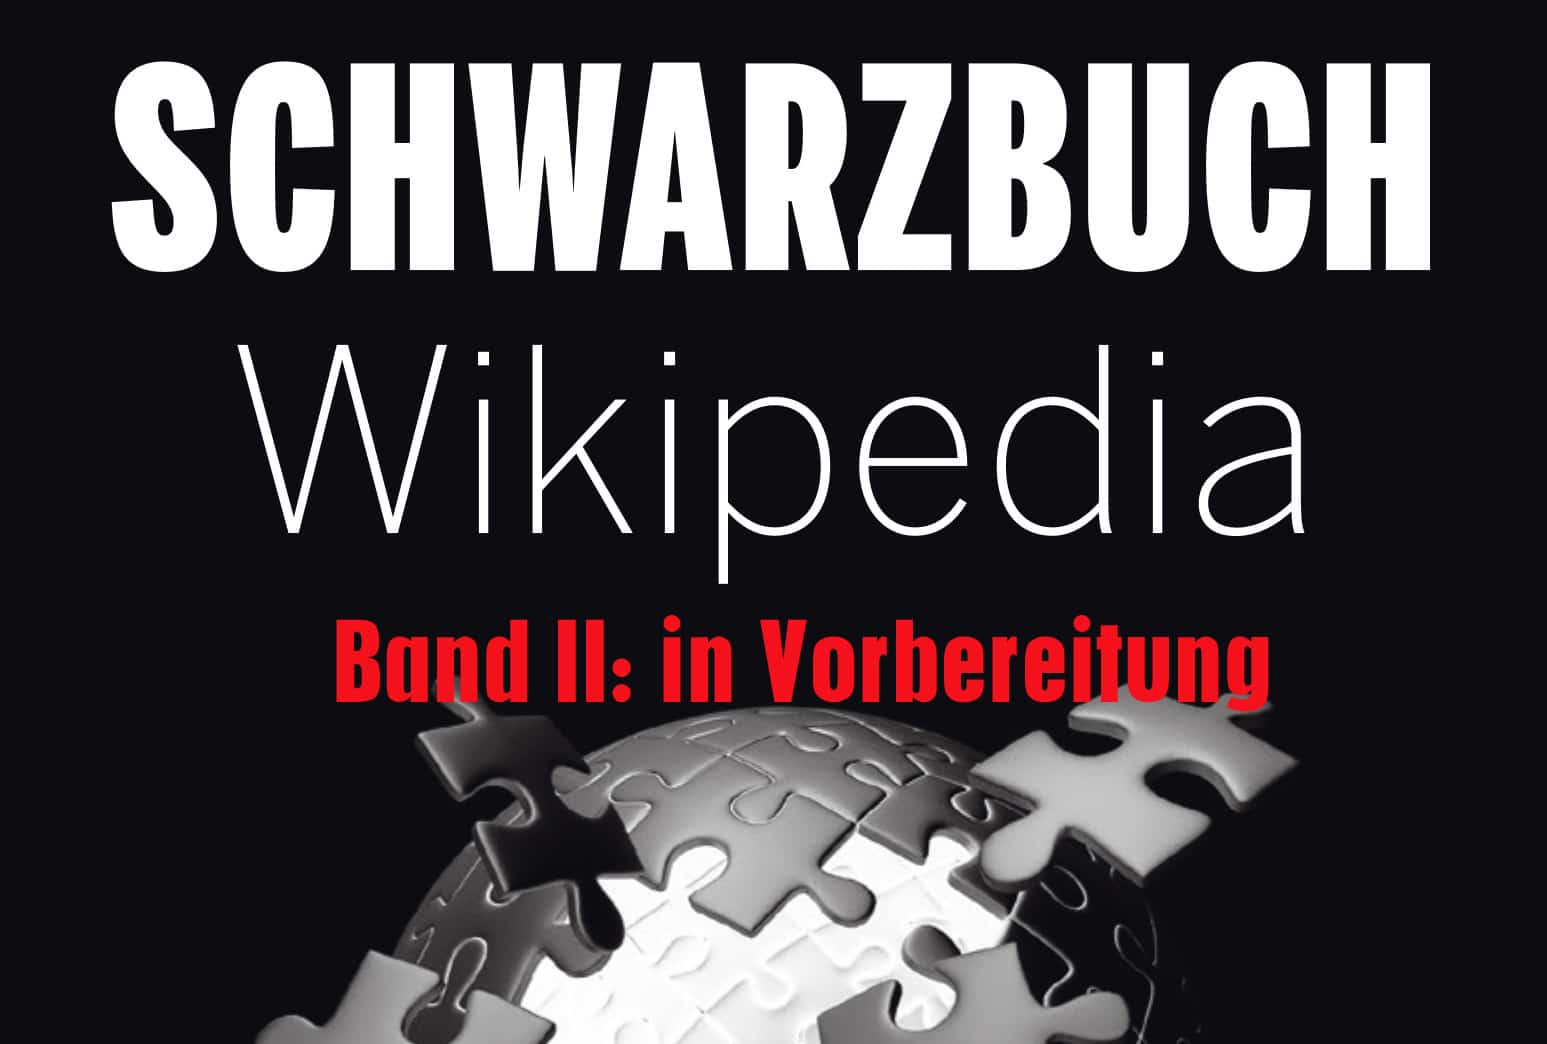 Schwarzbuch-Wikipedia-Ausschnitt-Band-II